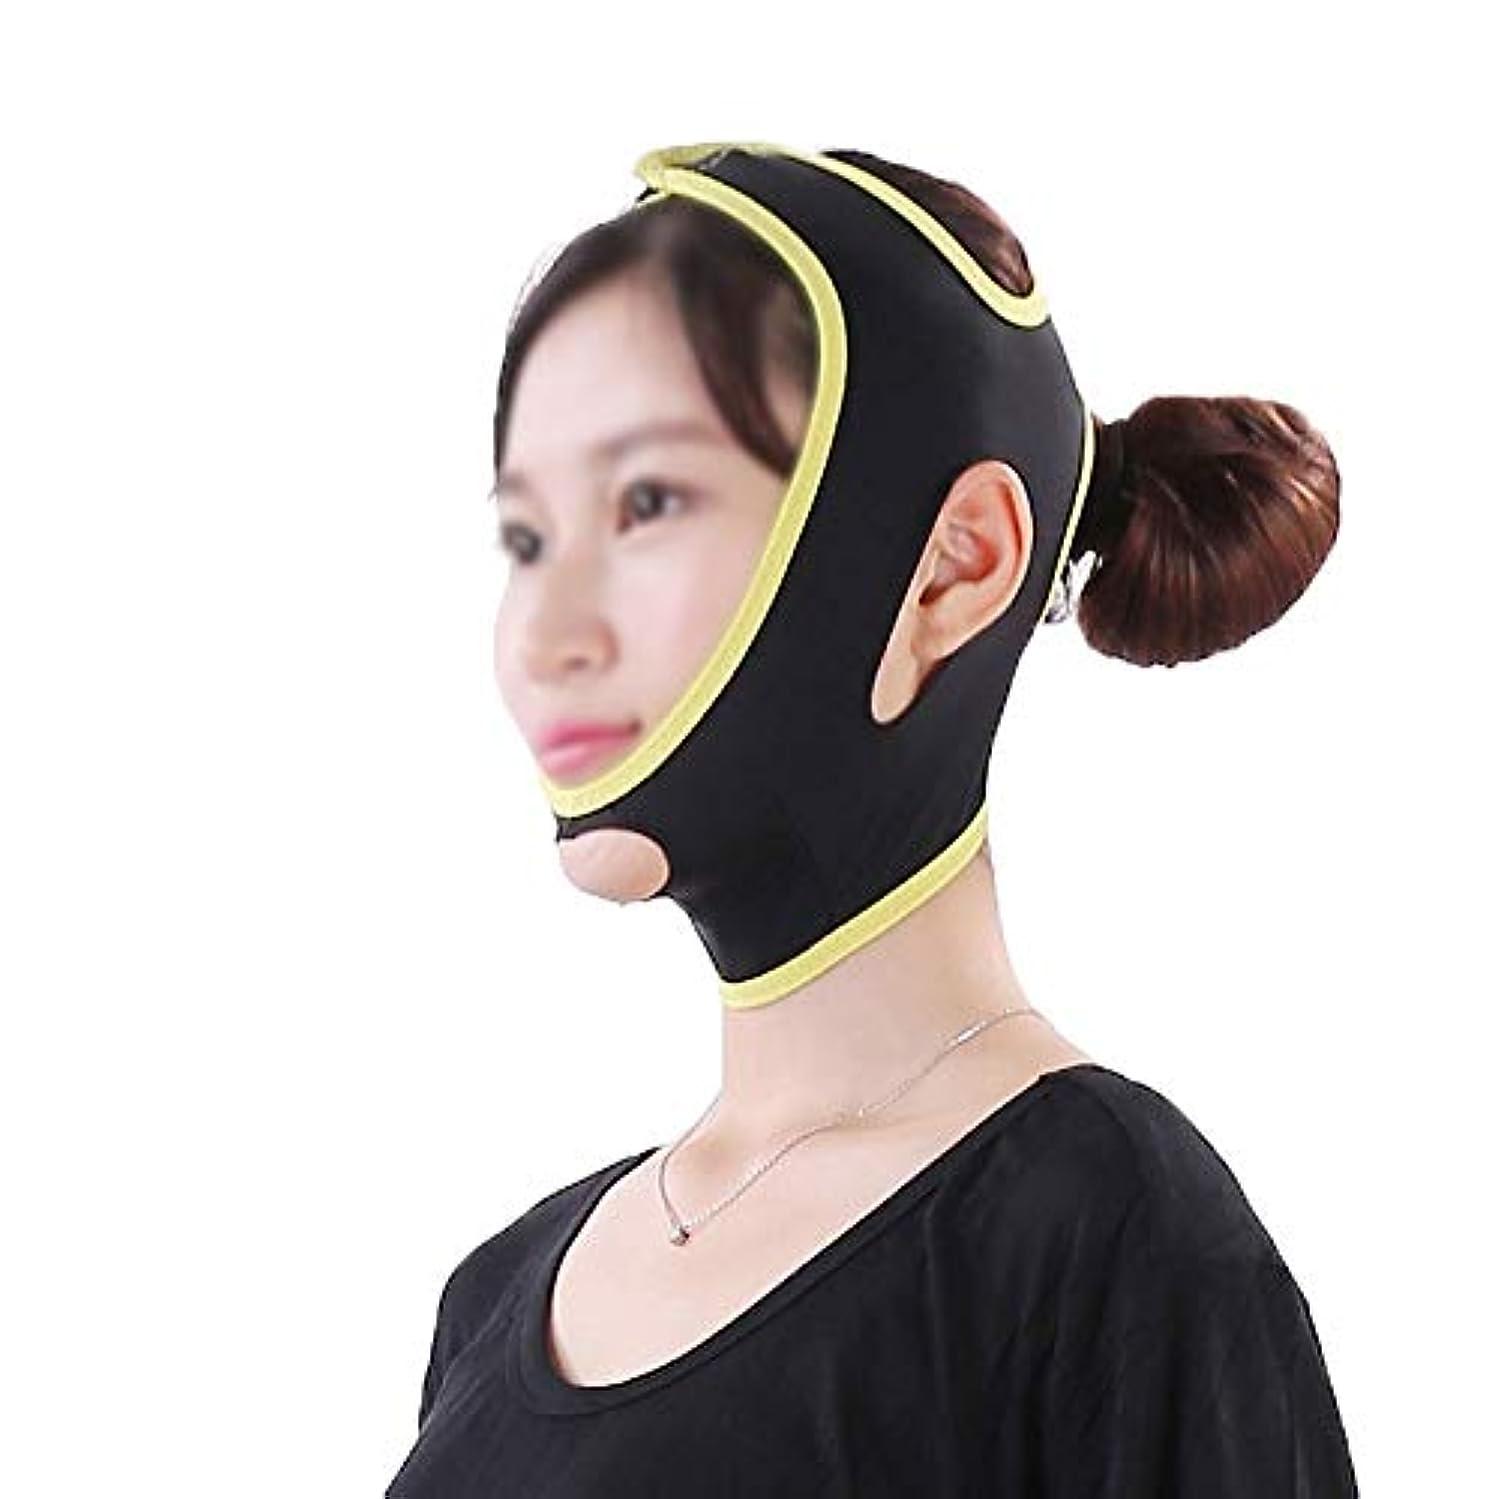 上げる虹大工GLJJQMY フェイス&ネックリフトシンフェイスマスクパワフルマスクフェイスリフトアーチファクトフェイスリフトフェイスツールシンフェイス包帯シンフェイスマスク美容マスク 顔用整形マスク (Size : L)